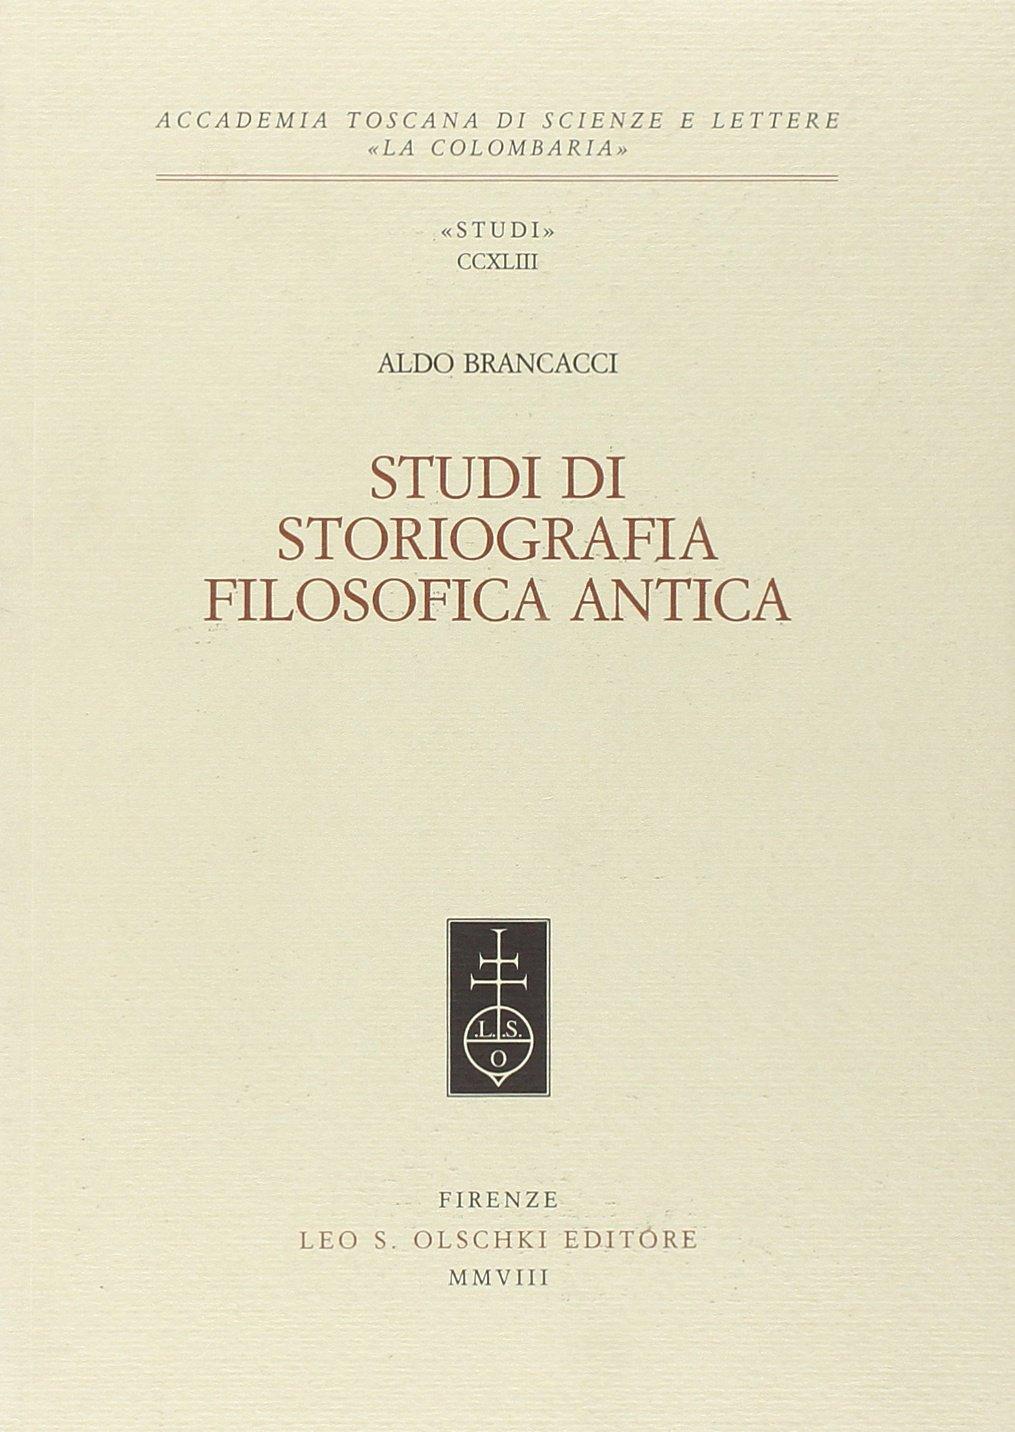 Studi di storiografia filosofica antica.